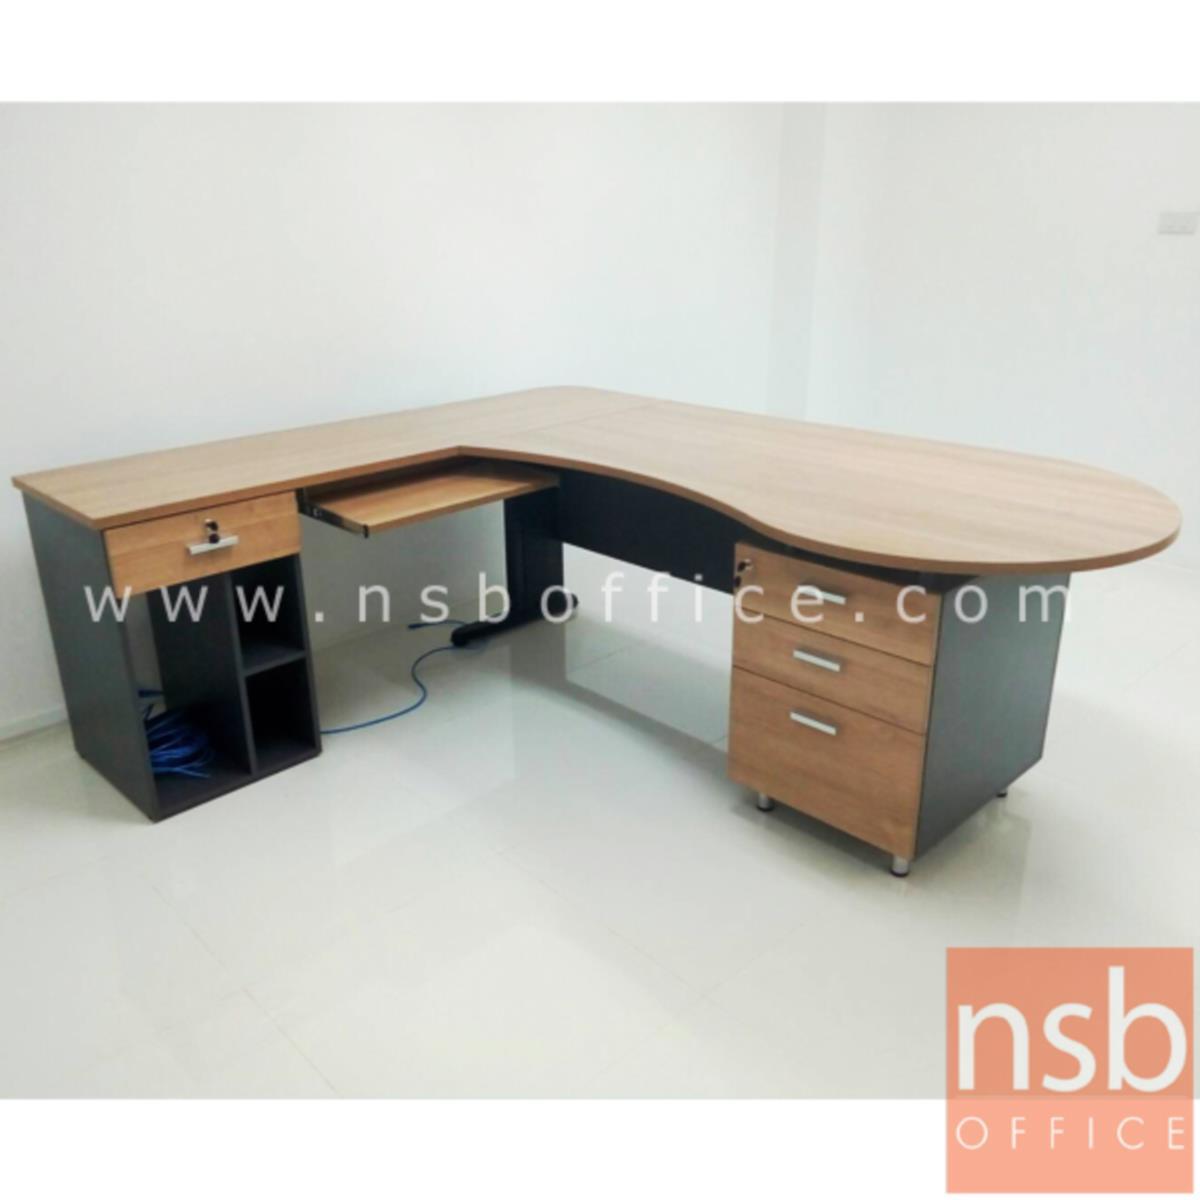 โต๊ะผู้บริหารตัวแอลหัวโค้ง 4 ลิ้นชัก  รุ่น Devonne (เดวอน) ขนาด 210W1*180W2 cm. พร้อมโต๊ะคอมพิวเตอร์ต่อข้าง